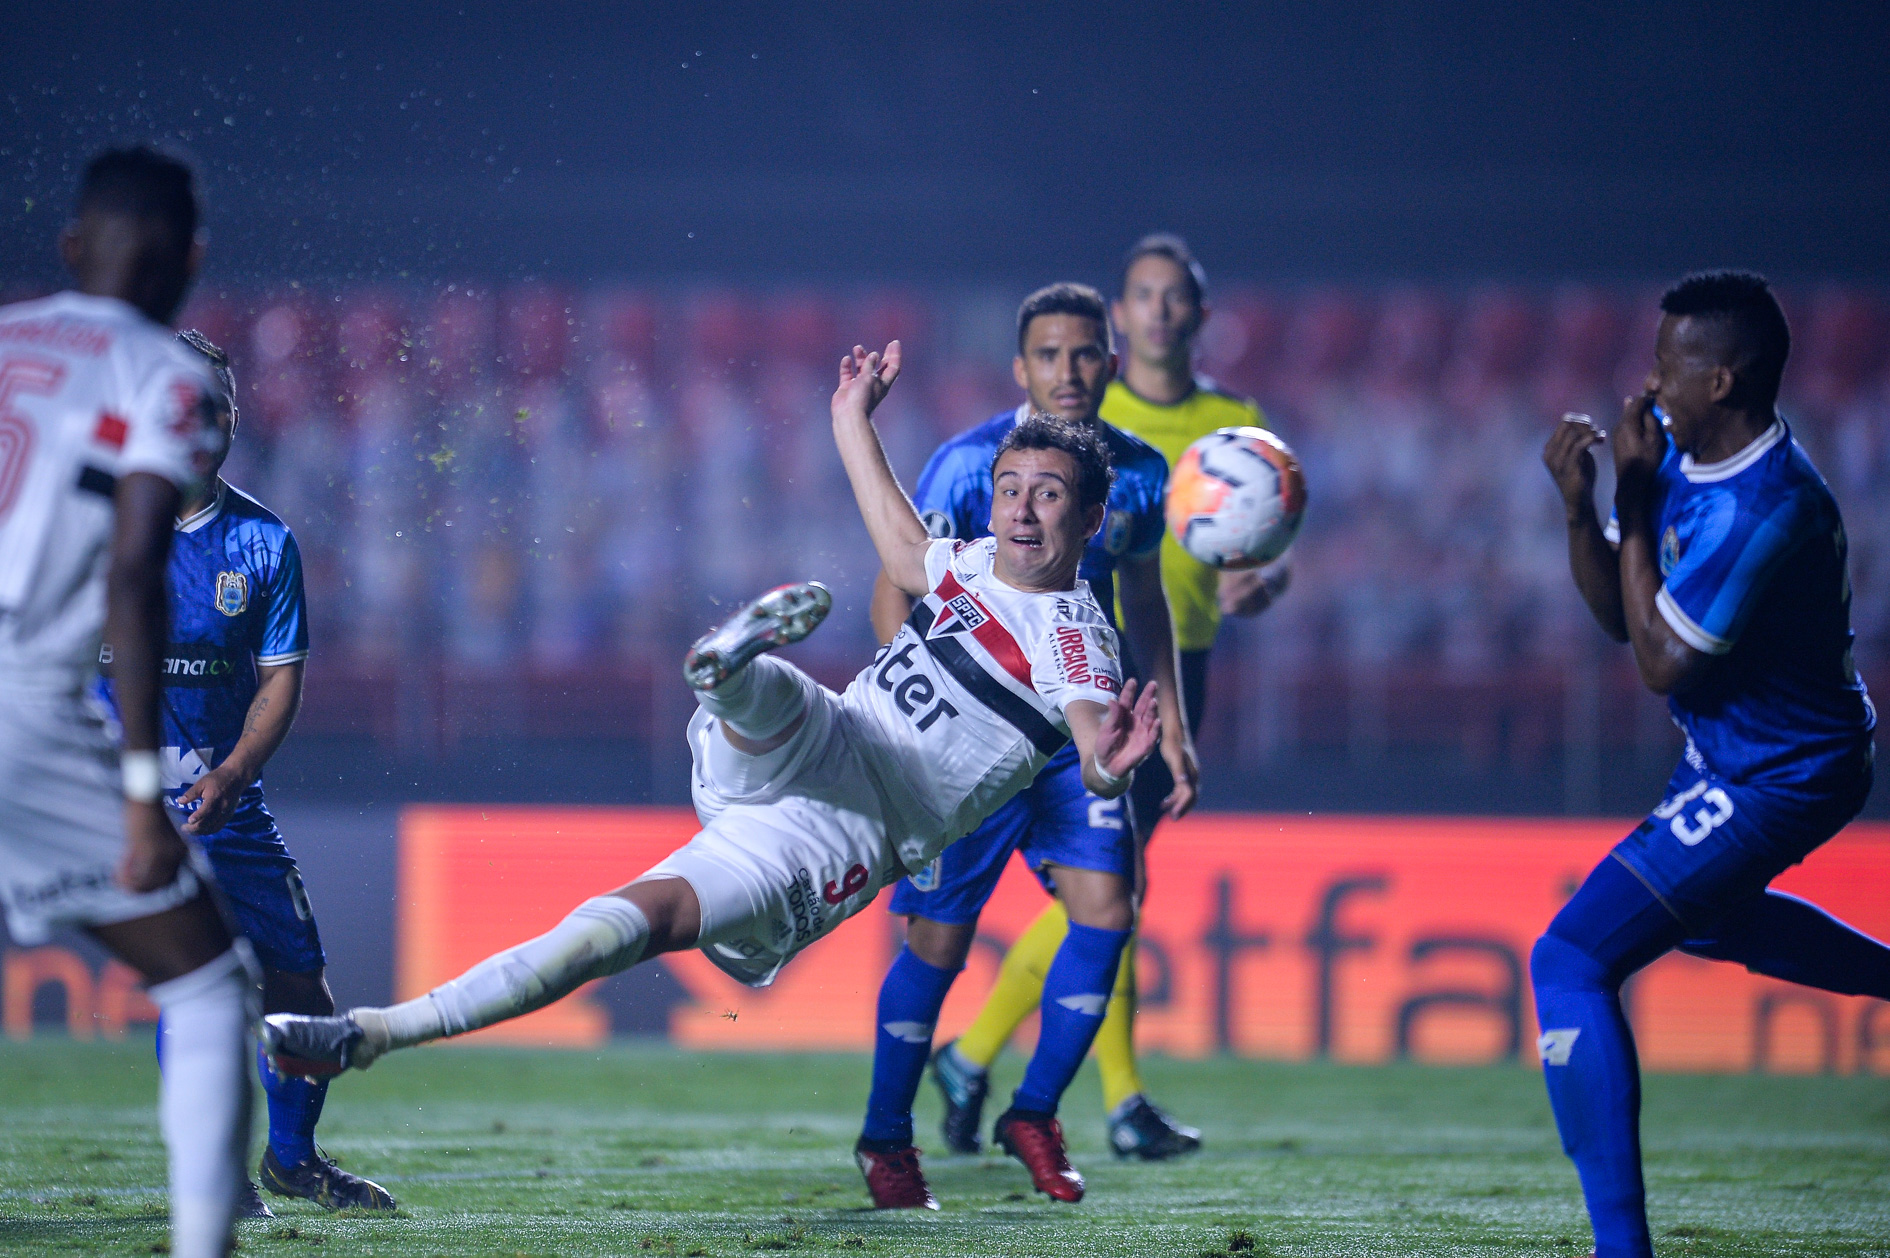 20-10-2020_-_Copa_Conmebol_Libertadores_